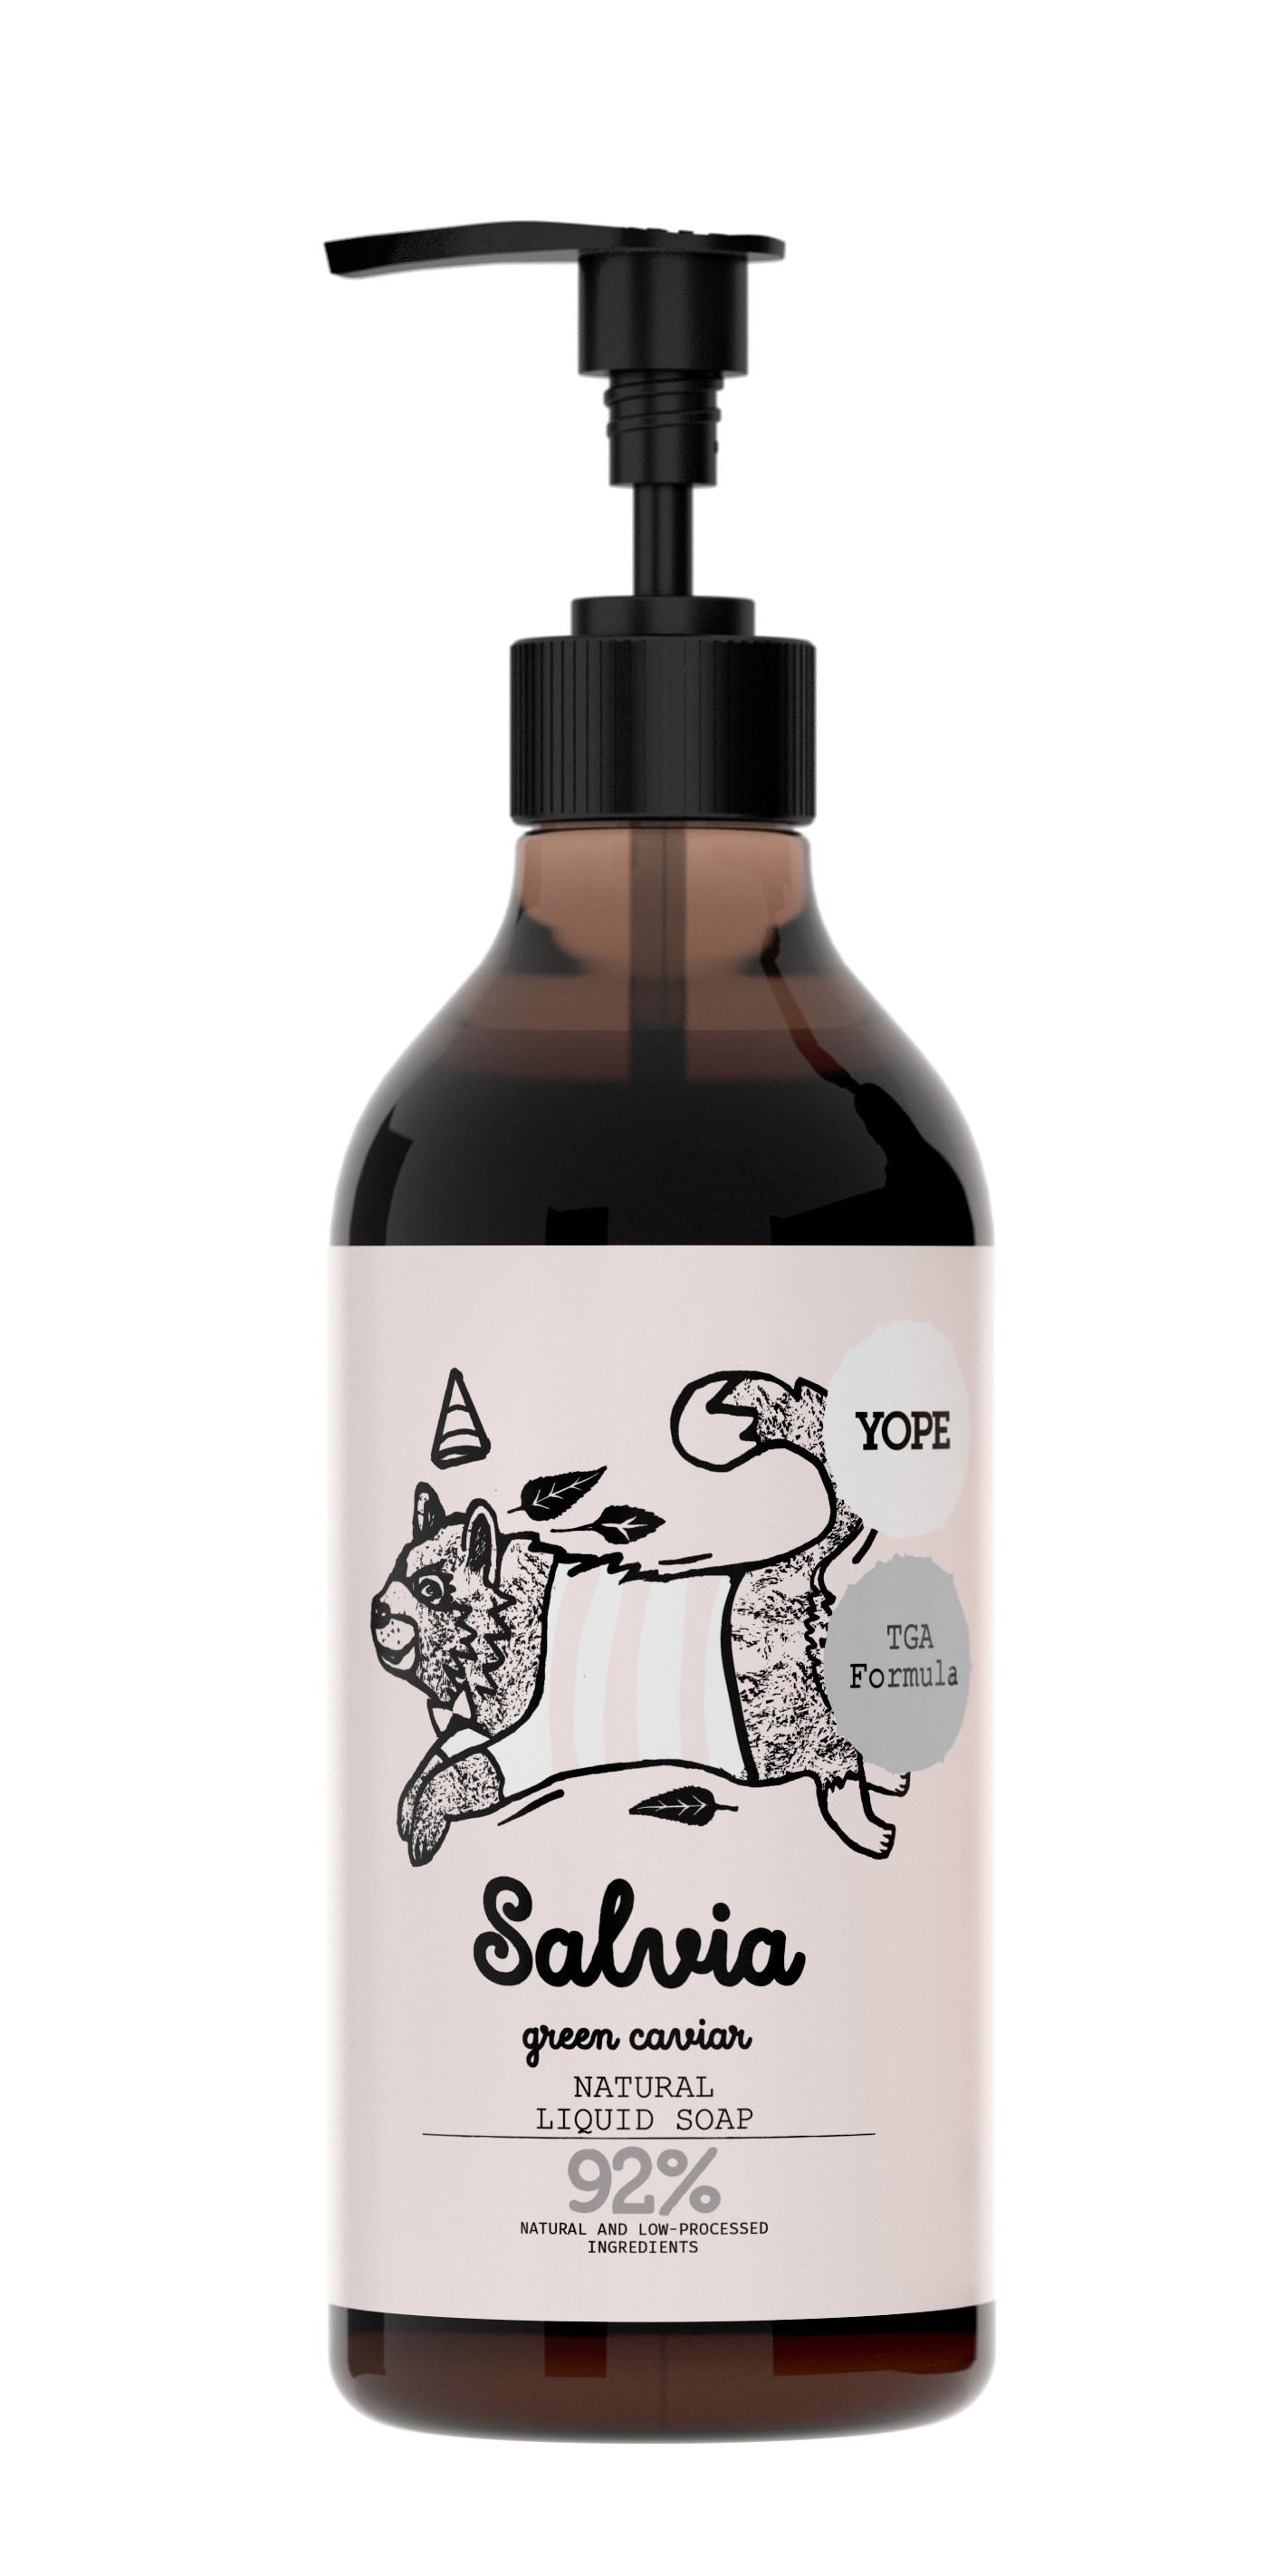 Sapun de maini cu formula TGA, salvie si caviar verde, ingrediente naturale, 500 ml, Yope somproduct.ro